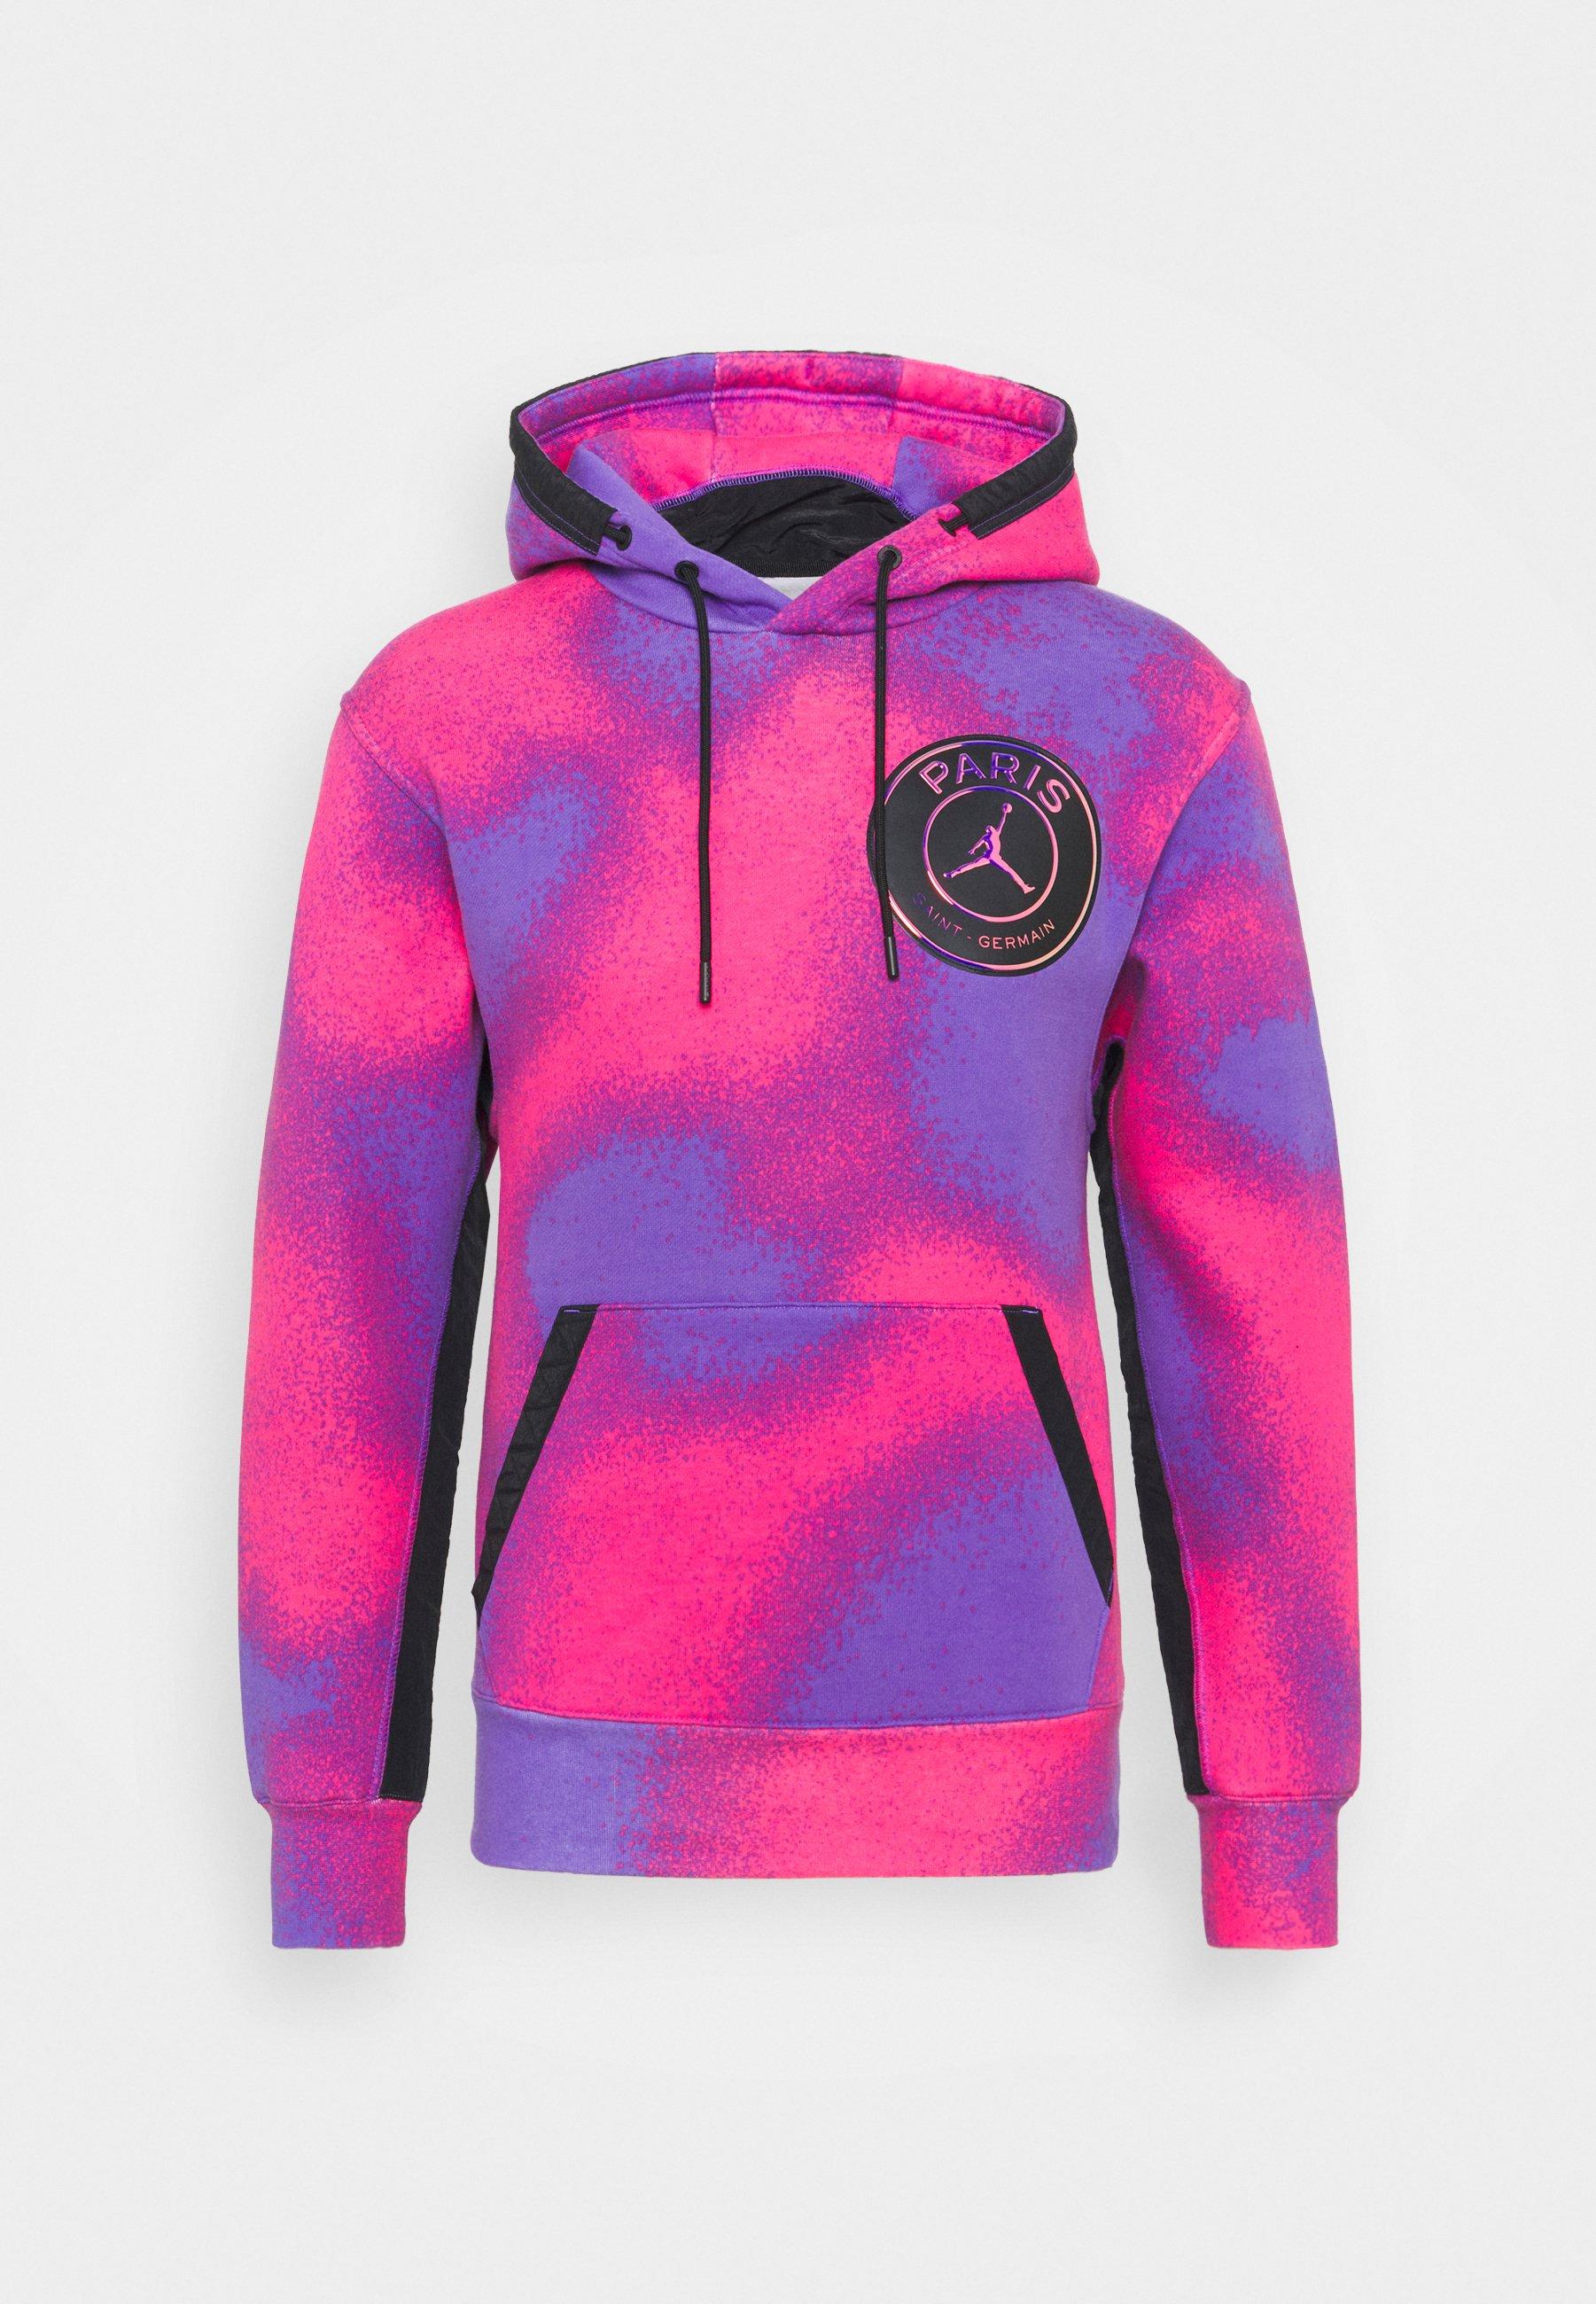 JORDAN PARIS ST GERMAIN - Felpa con cappuccio - psychic purple/hyper pink/black